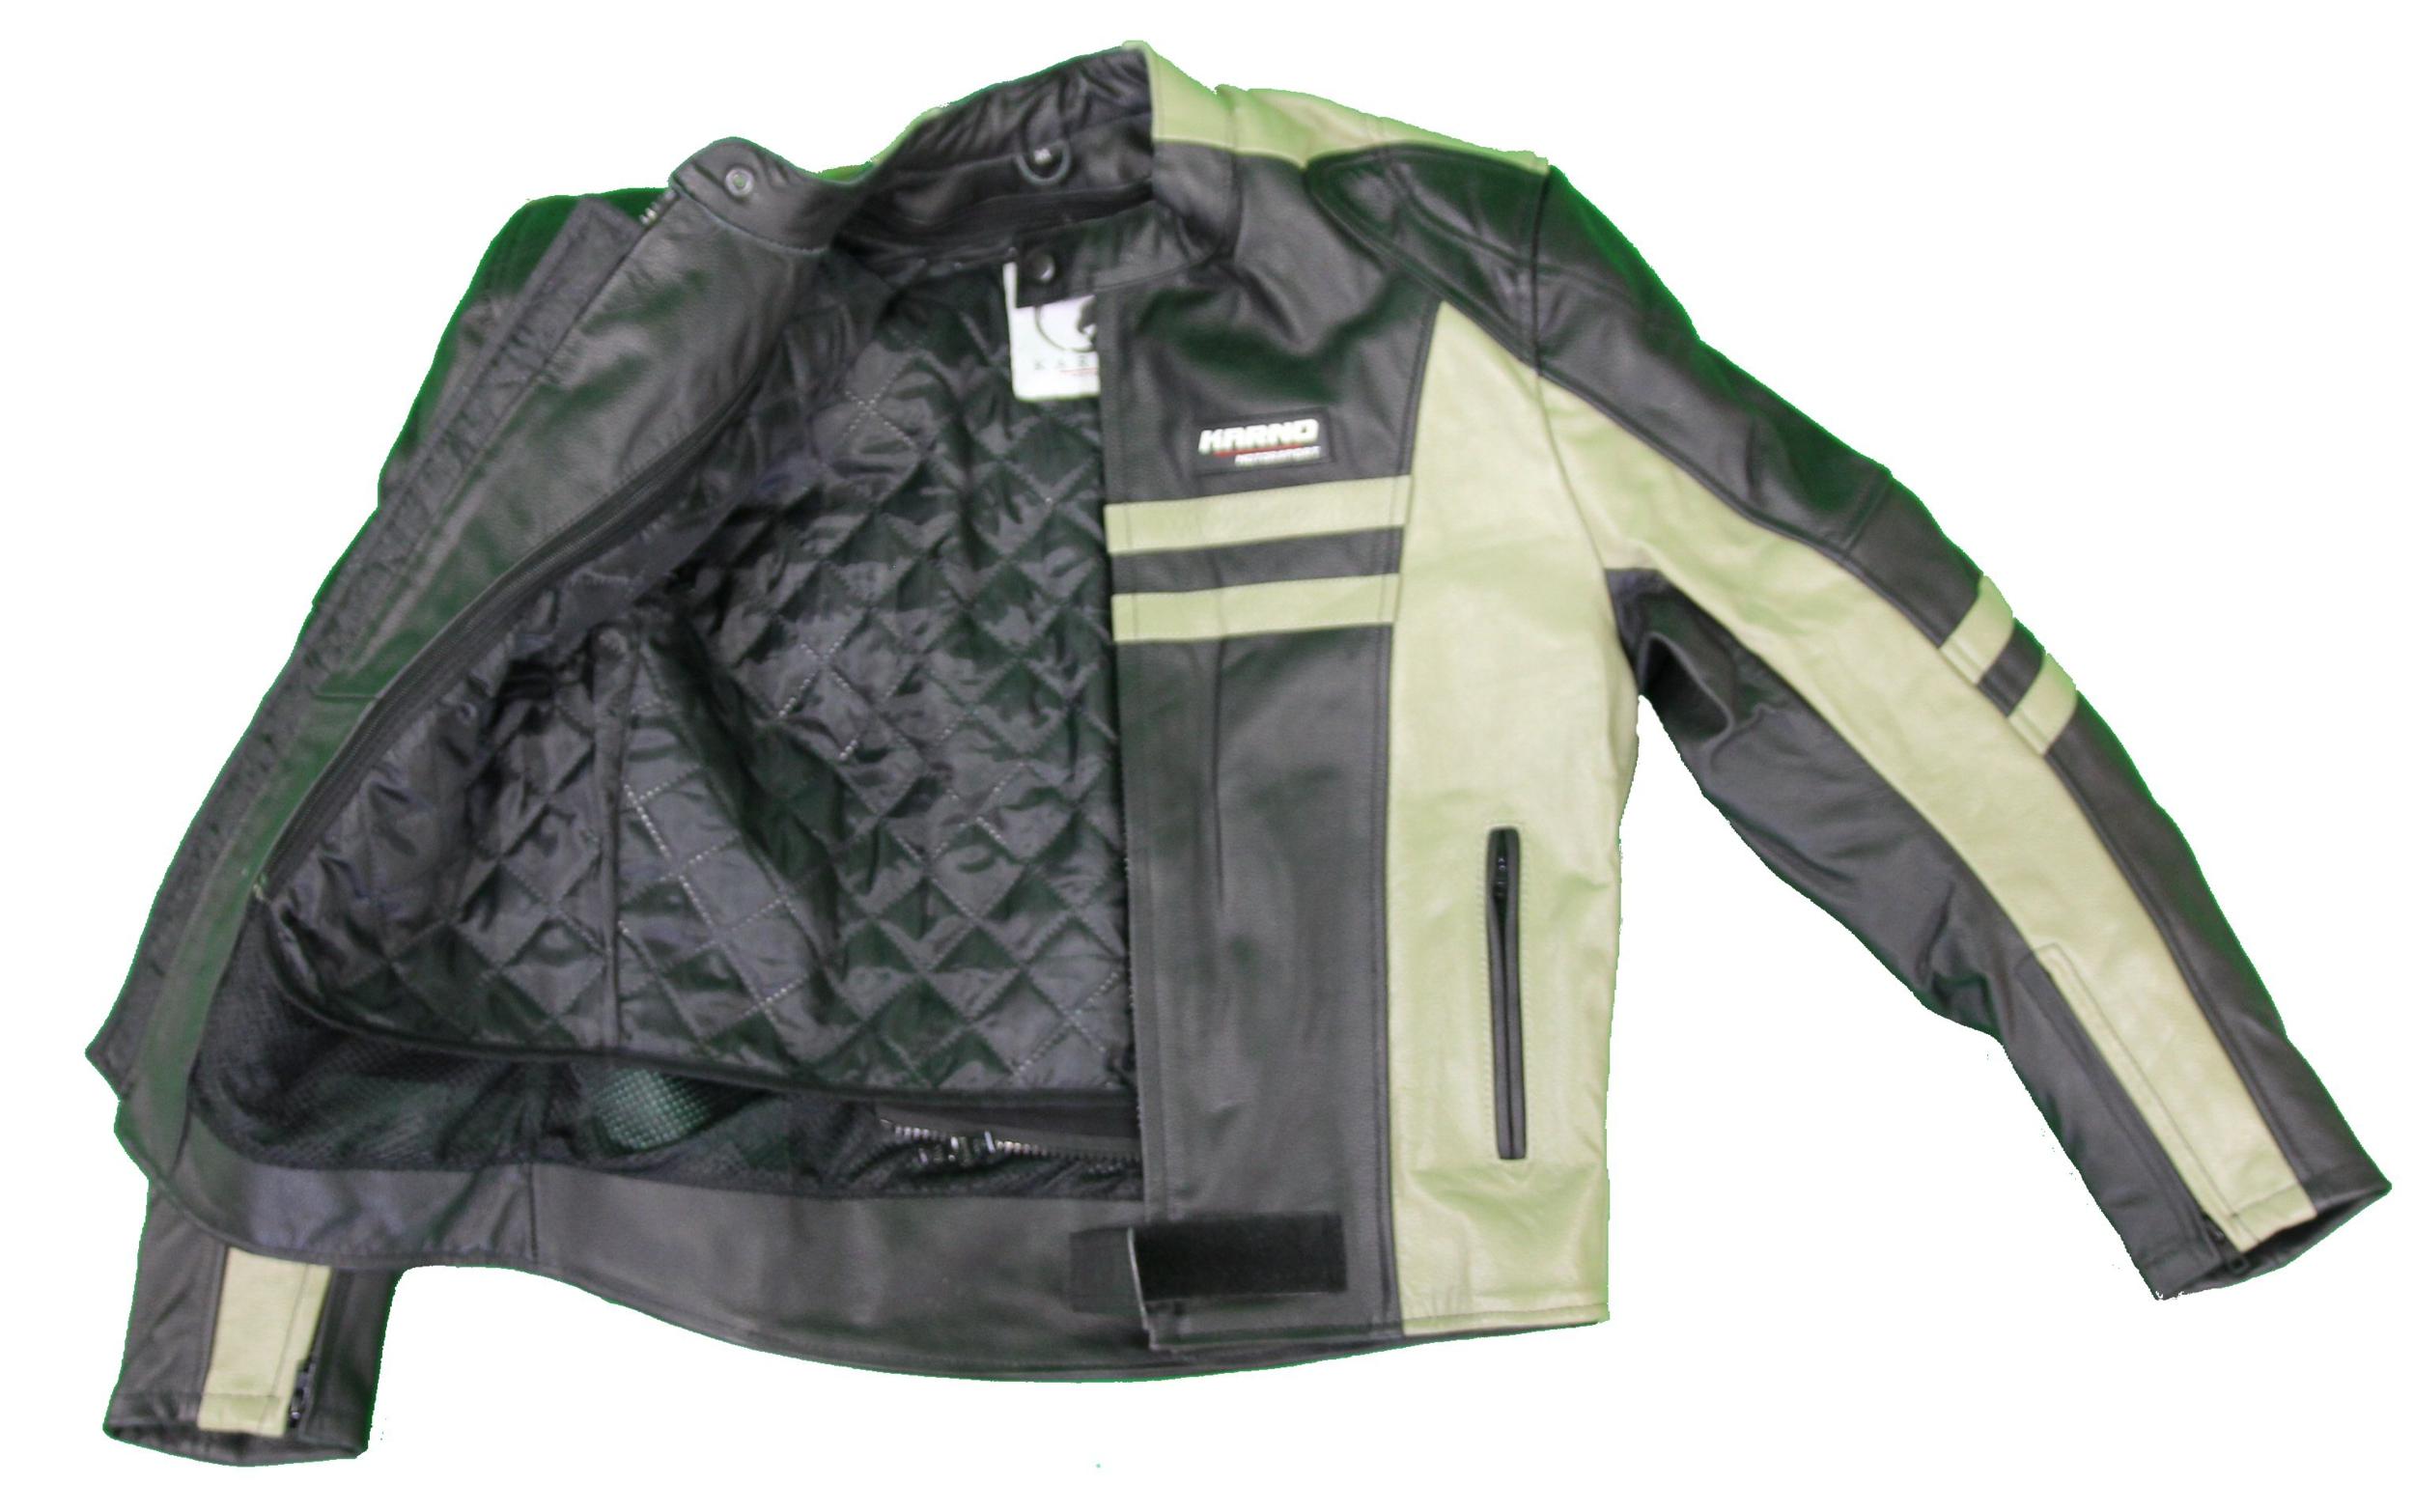 kc032 blouson moto cuir cafe racer vintage noir karno motorsport ebay. Black Bedroom Furniture Sets. Home Design Ideas